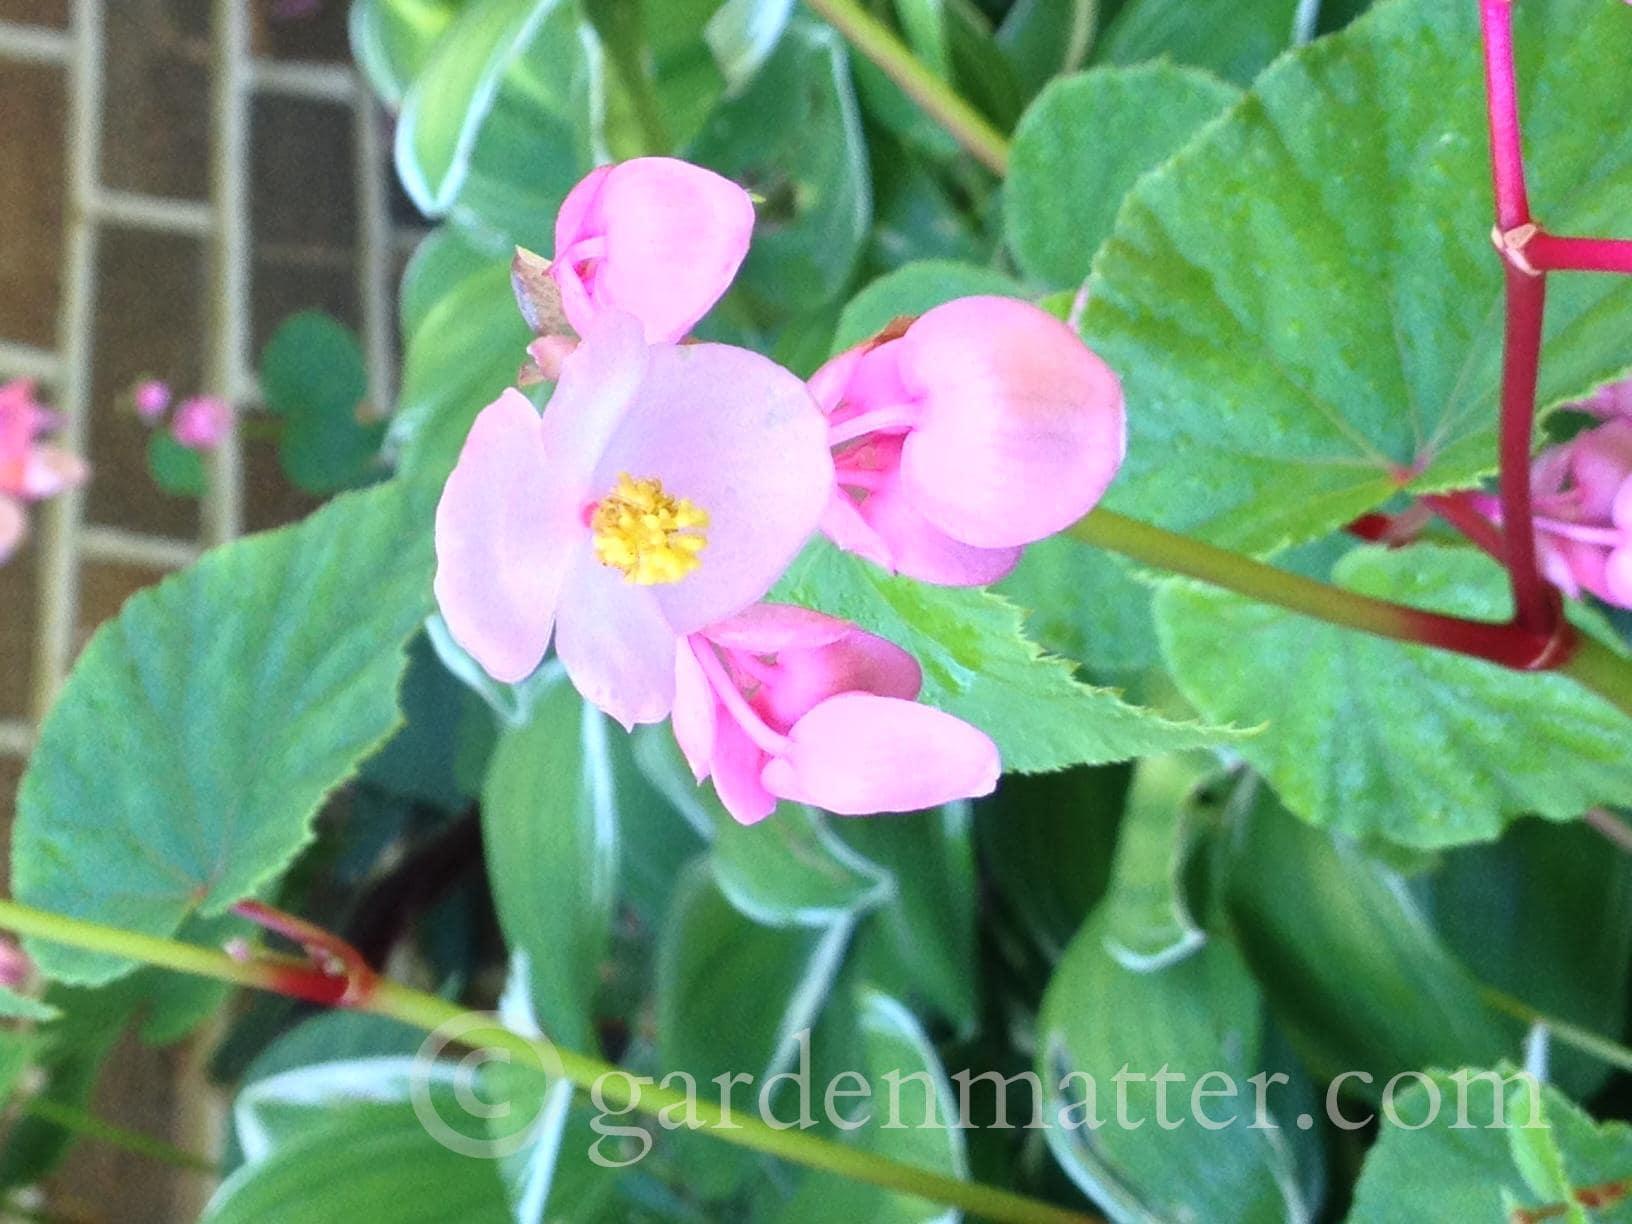 Begonia grandis flowers